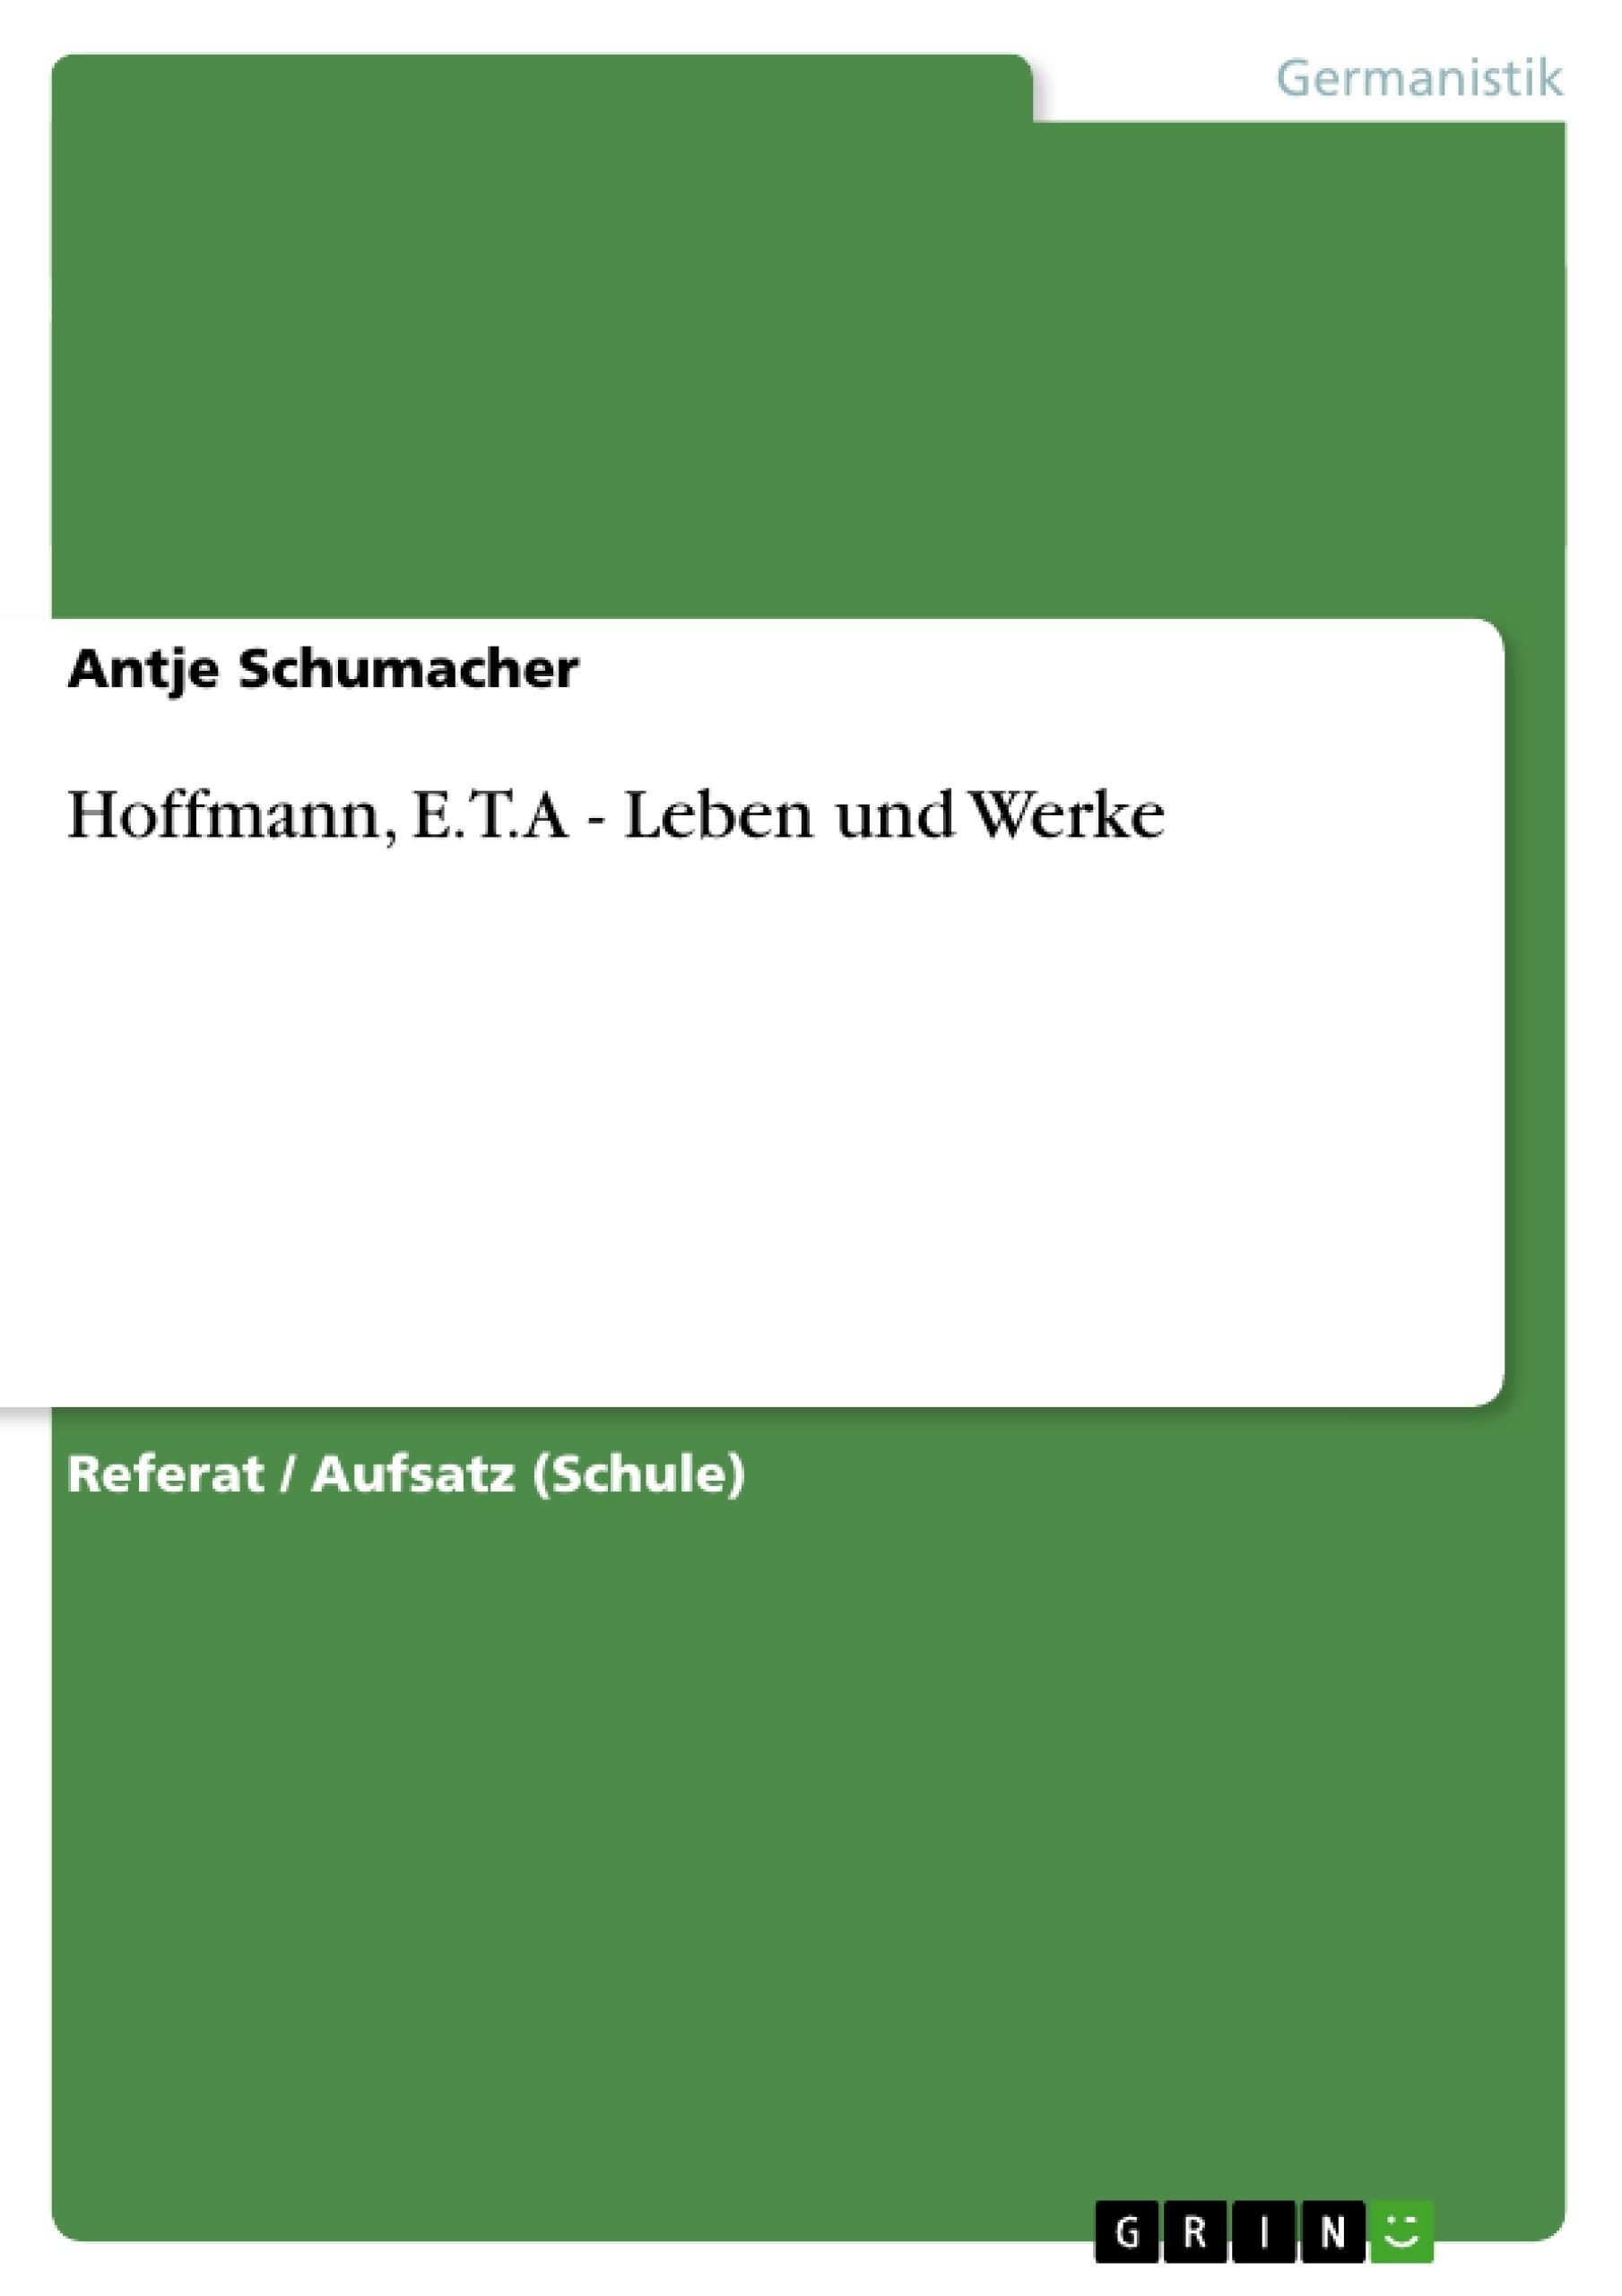 Titel: Hoffmann, E.T.A - Leben und Werke